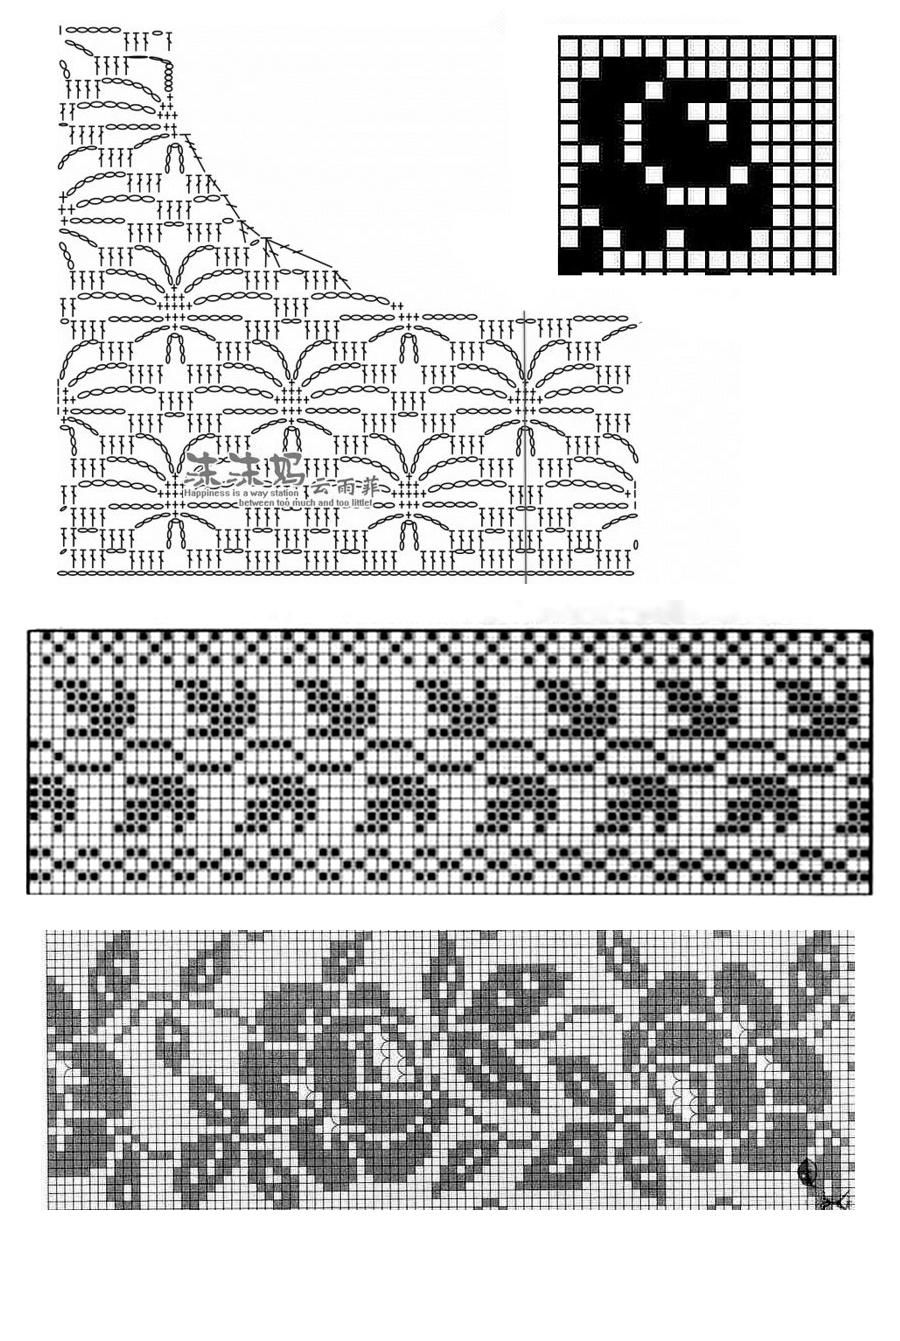 Вязание крючком филейное платья розами с описанием и схемами 2